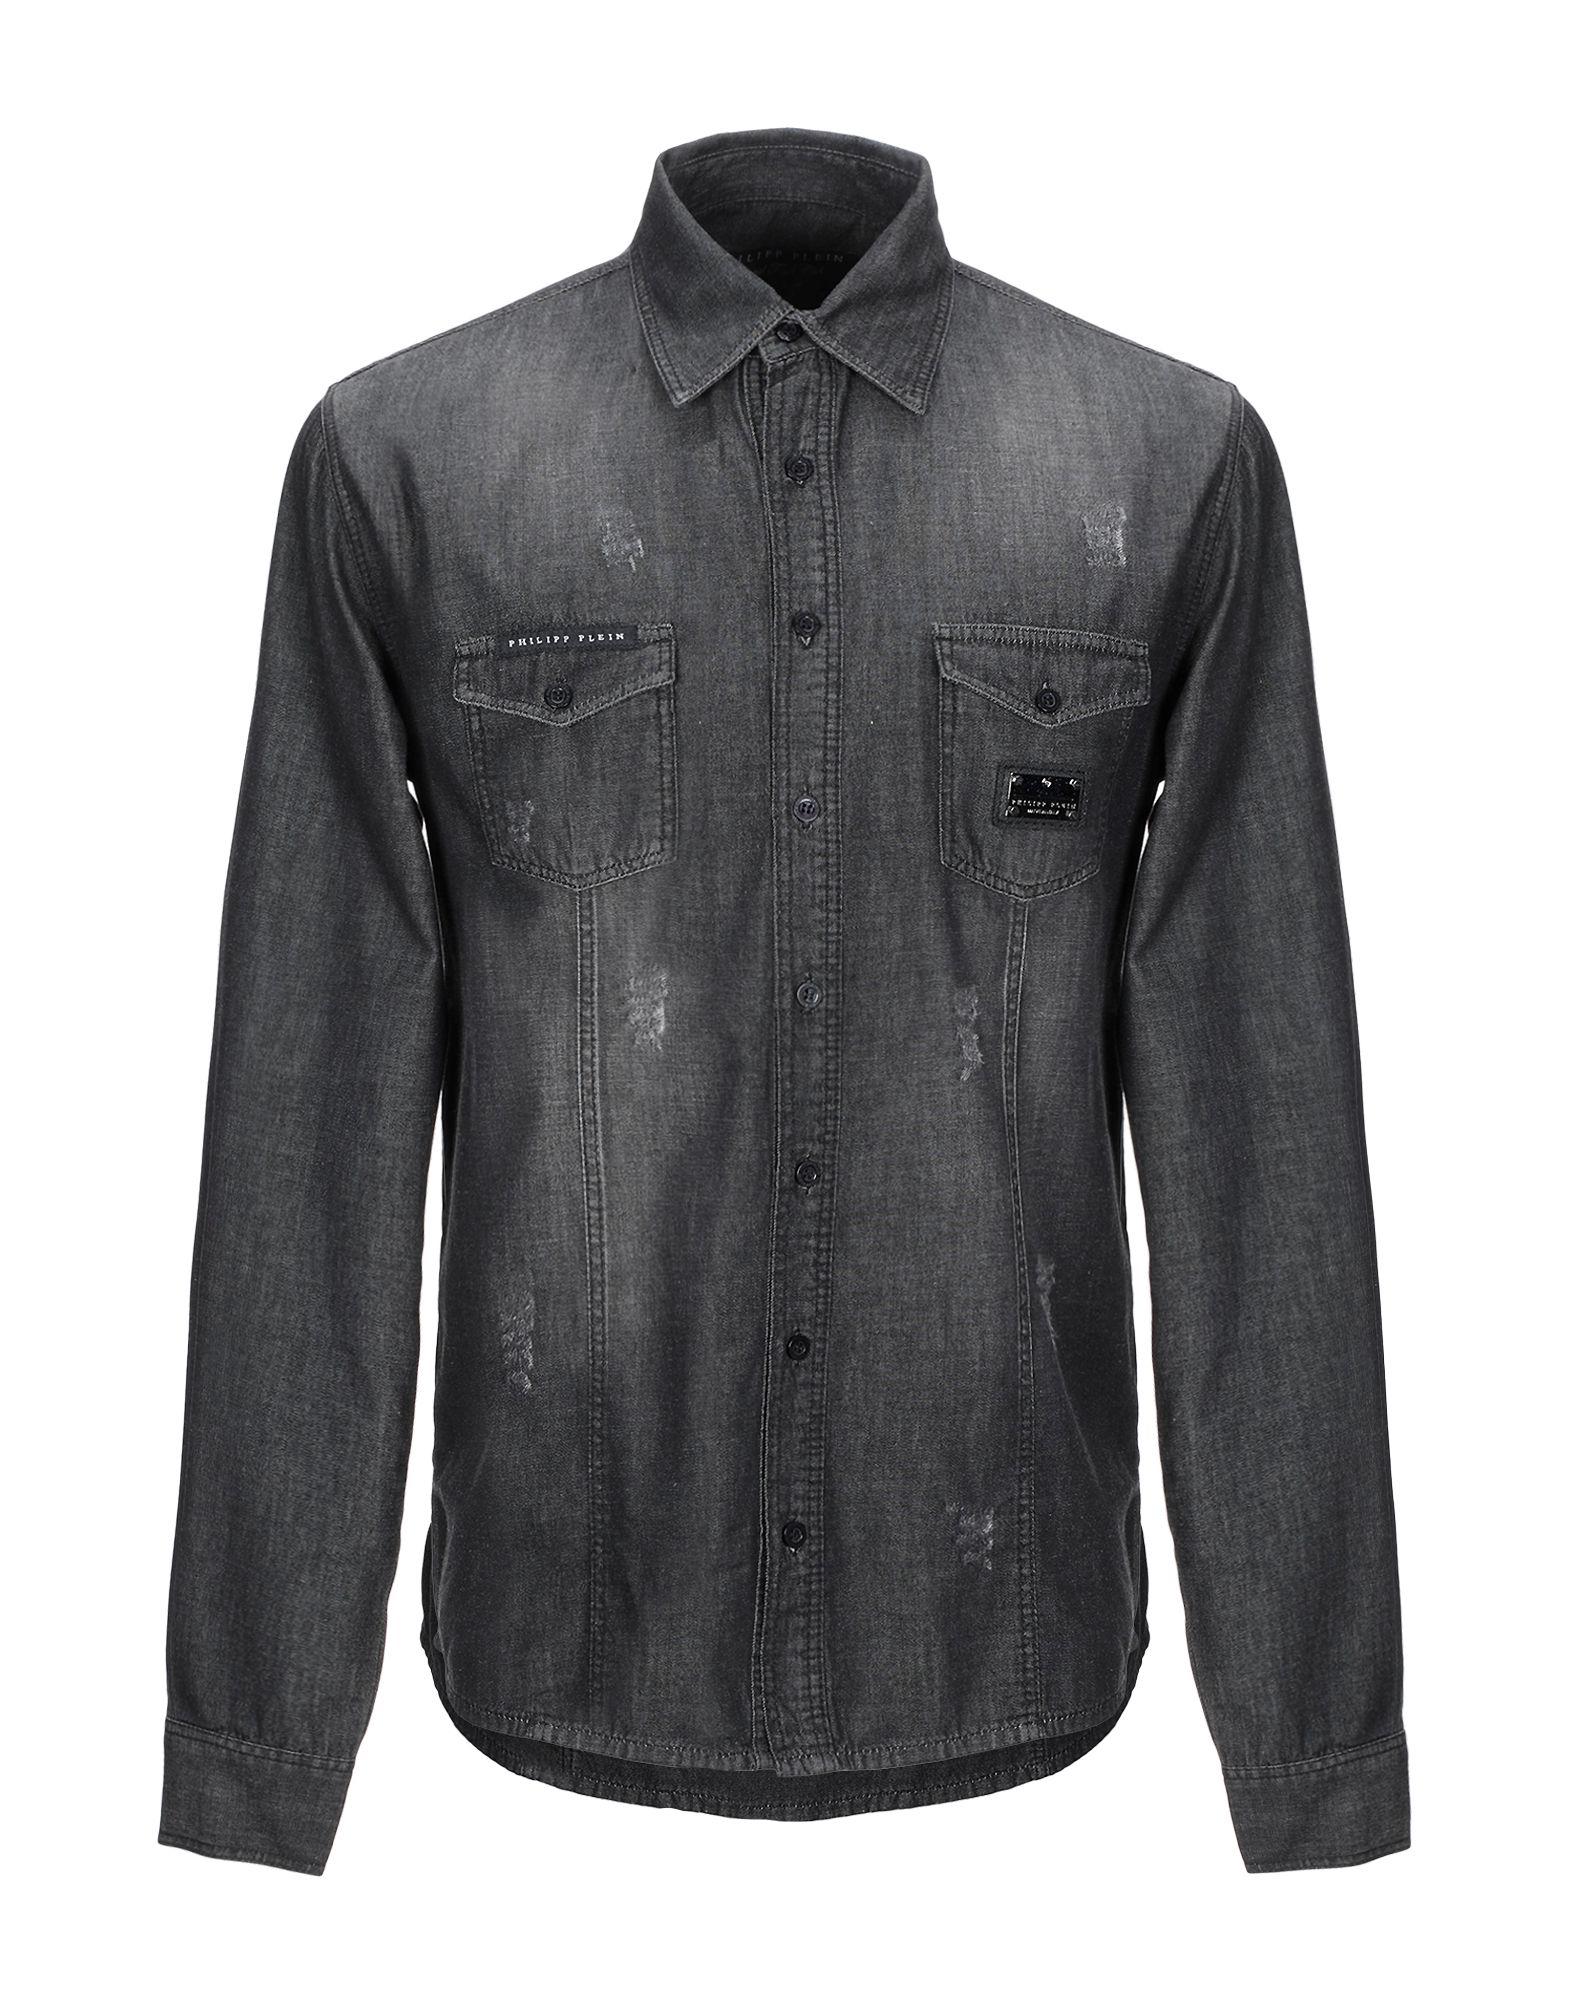 купить PHILIPP PLEIN Джинсовая рубашка по цене 19650 рублей